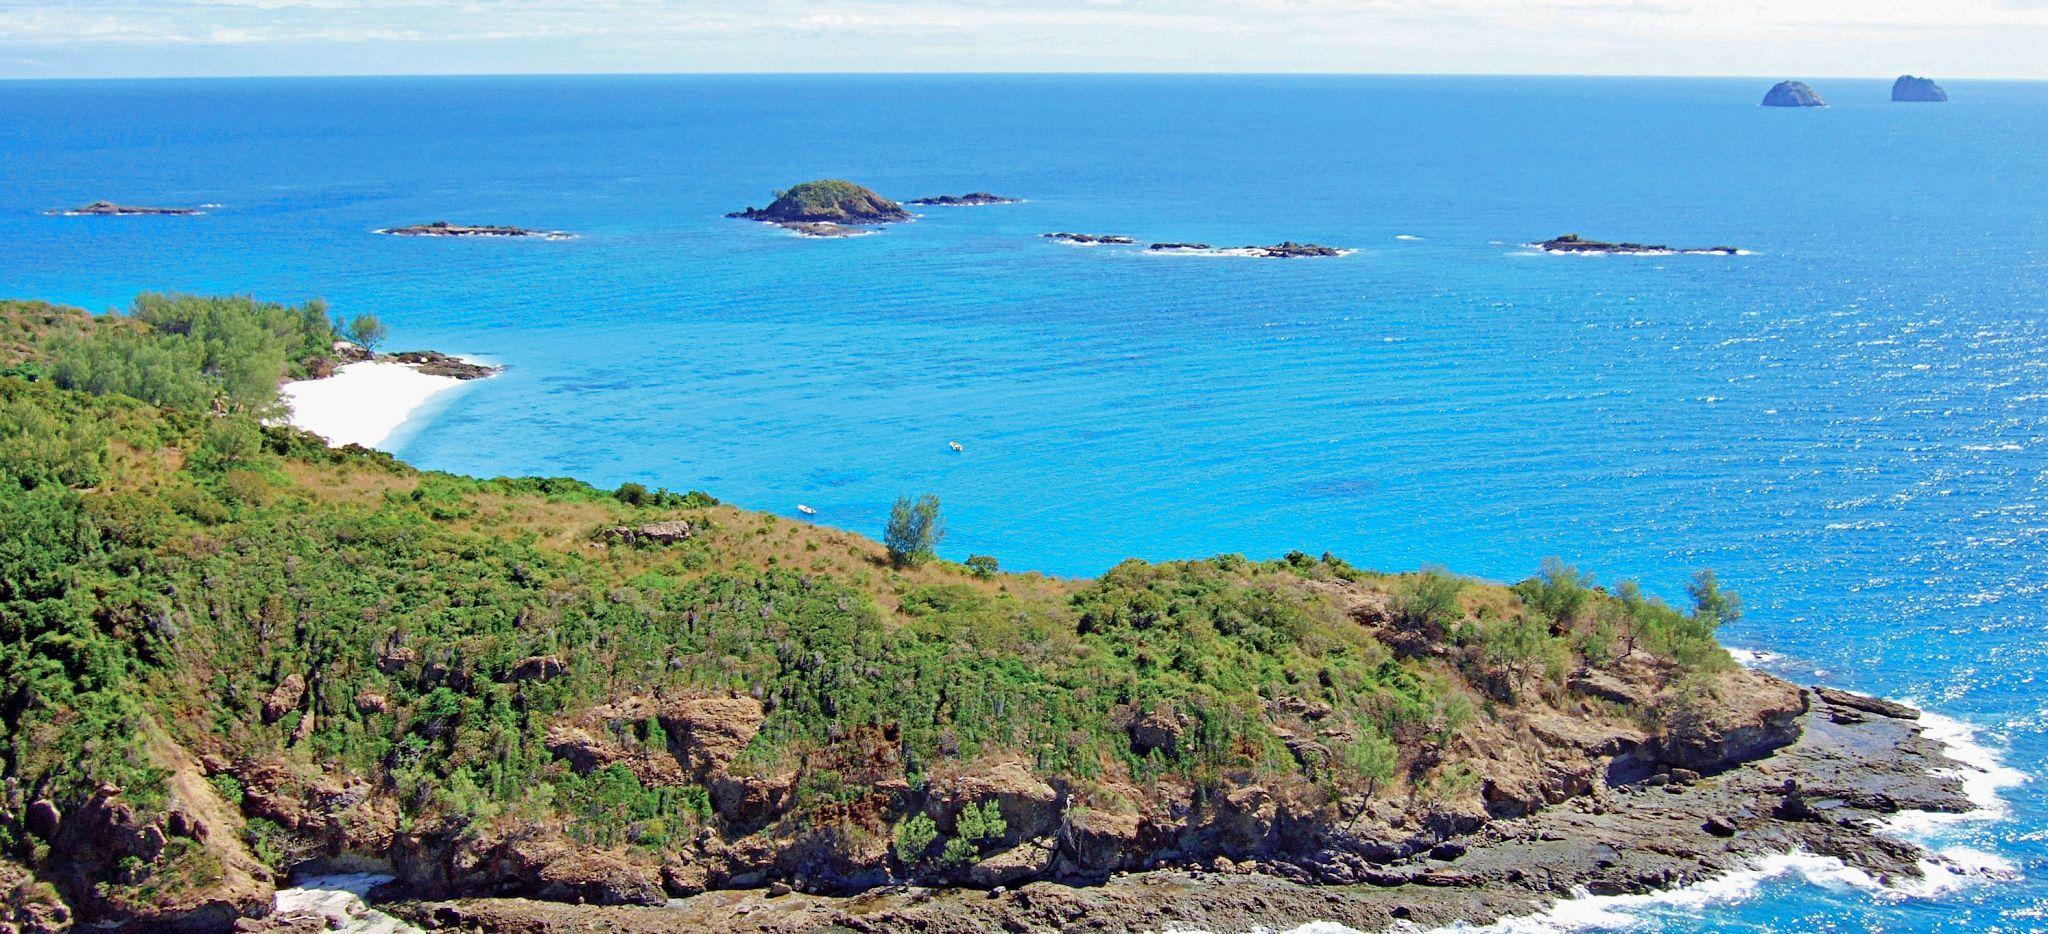 Luftaufnahme der Insel Constance Tsara Banjina